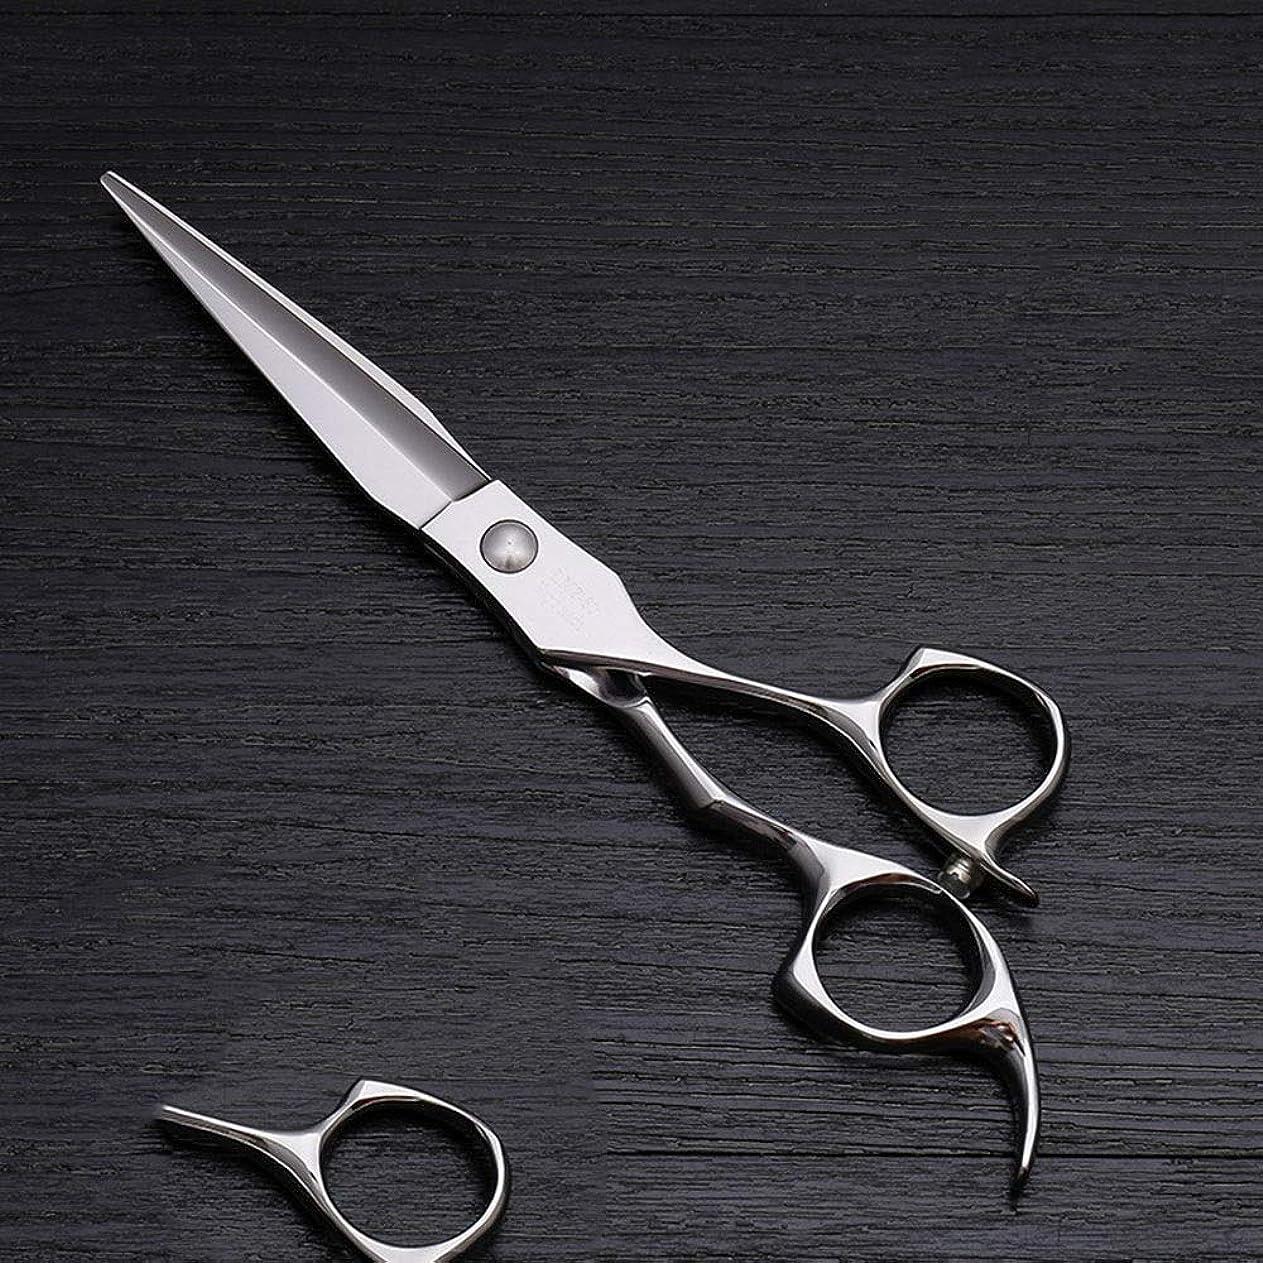 モス起きろ郊外6インチハイエンドステンレススチール理髪はさみツール、美容院特別理髪フラットせん断ツール モデリングツール (色 : Silver)